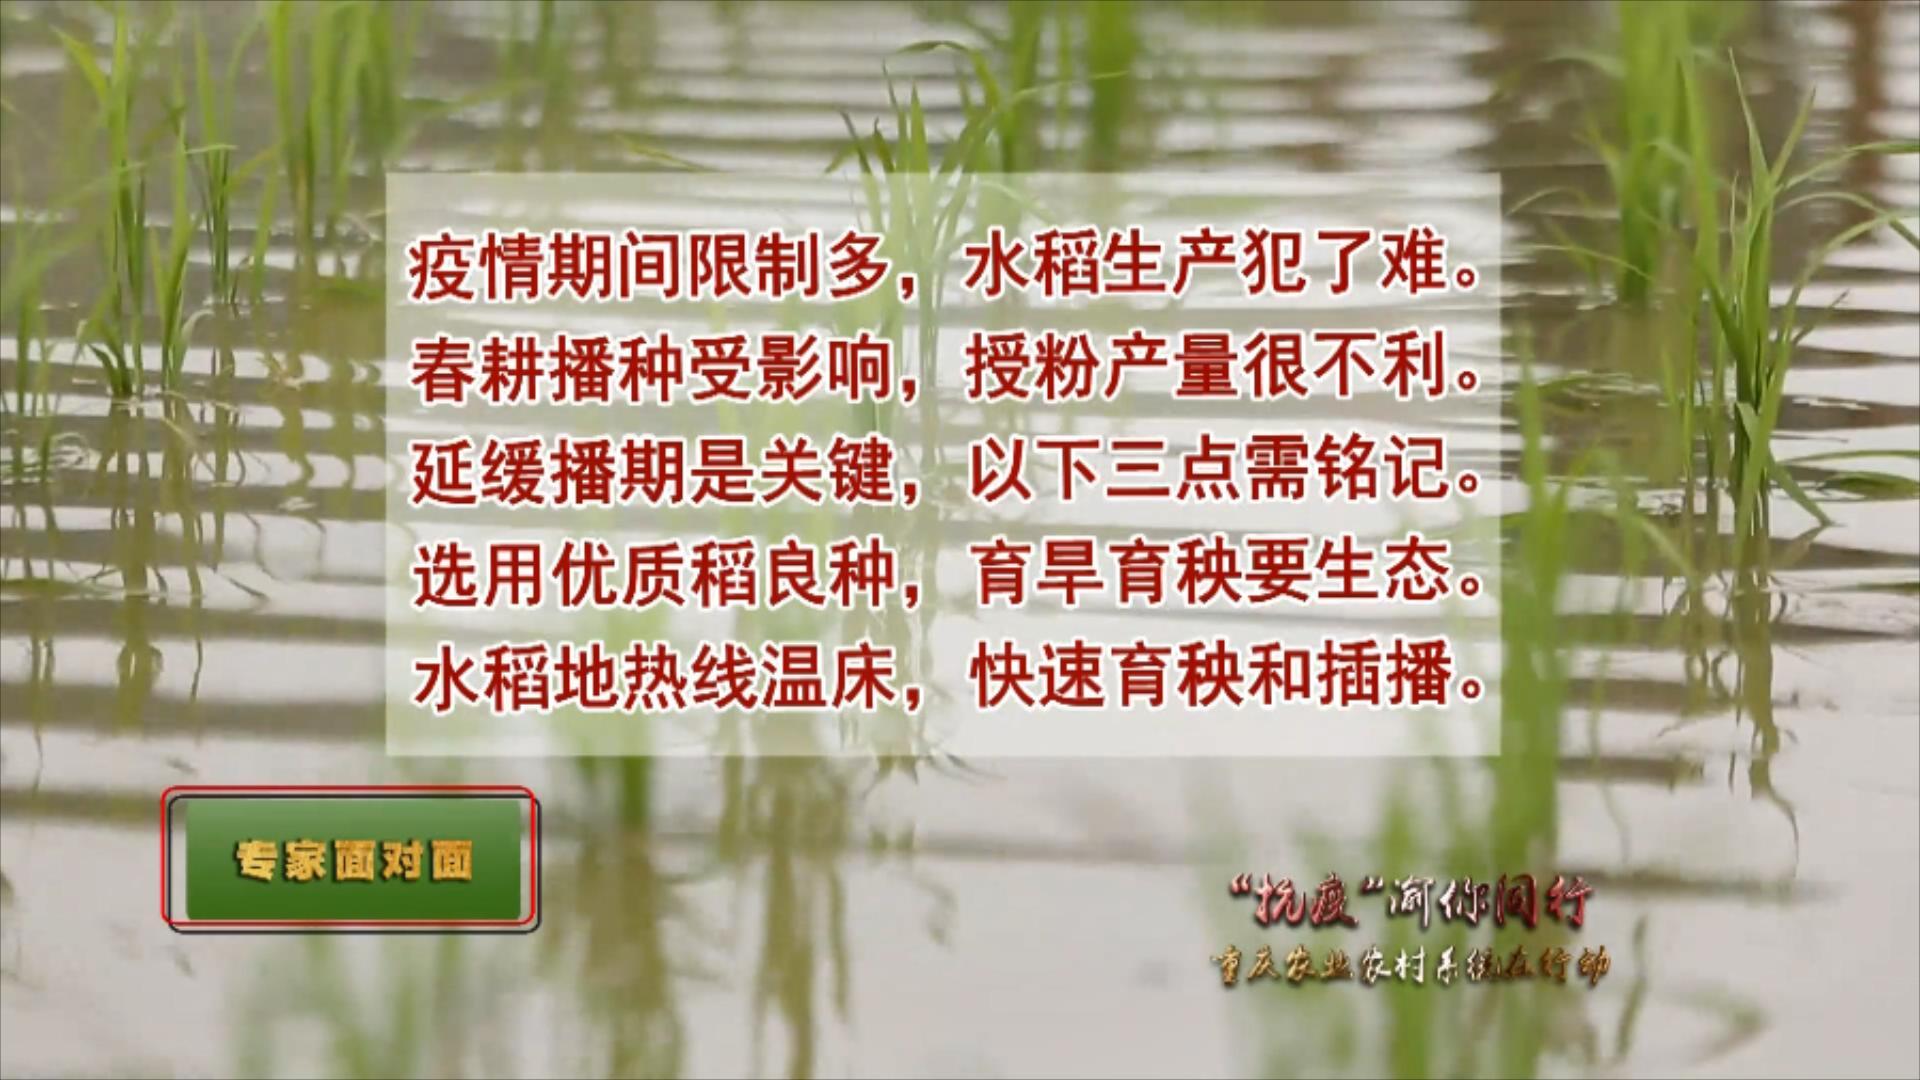 对水稻种植工作的影响及解决办法